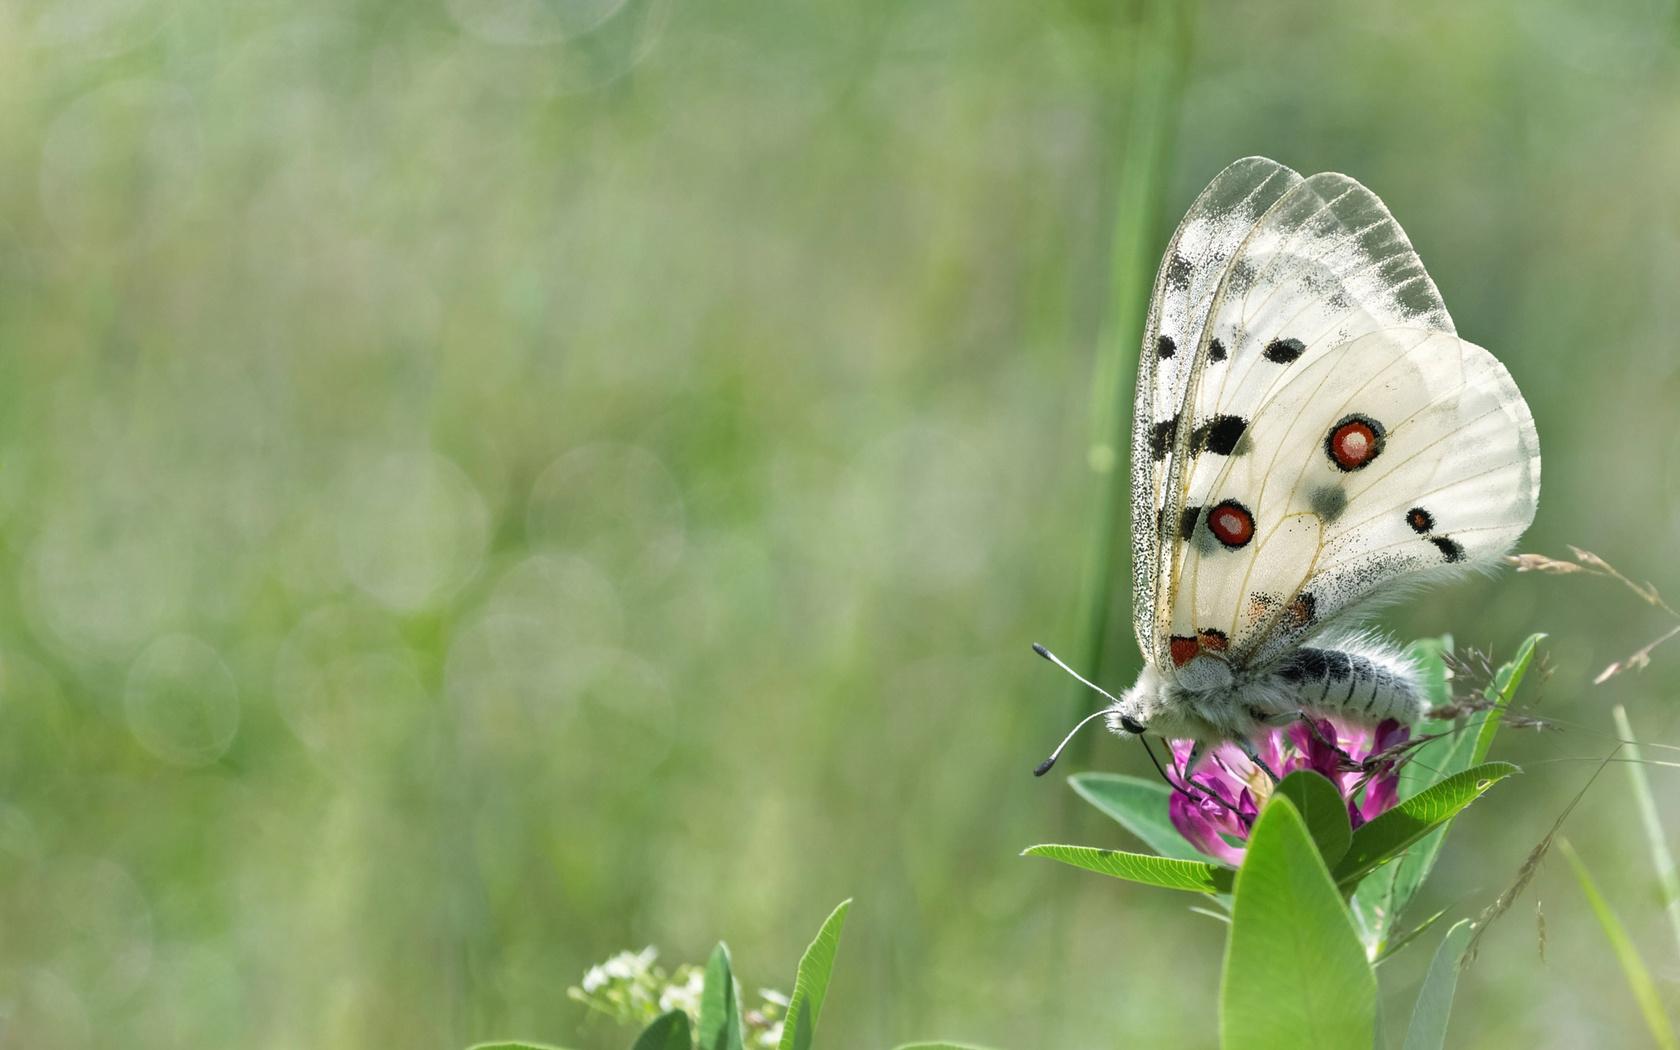 трава, лето, природа, бабочка, боке, макро, цветы